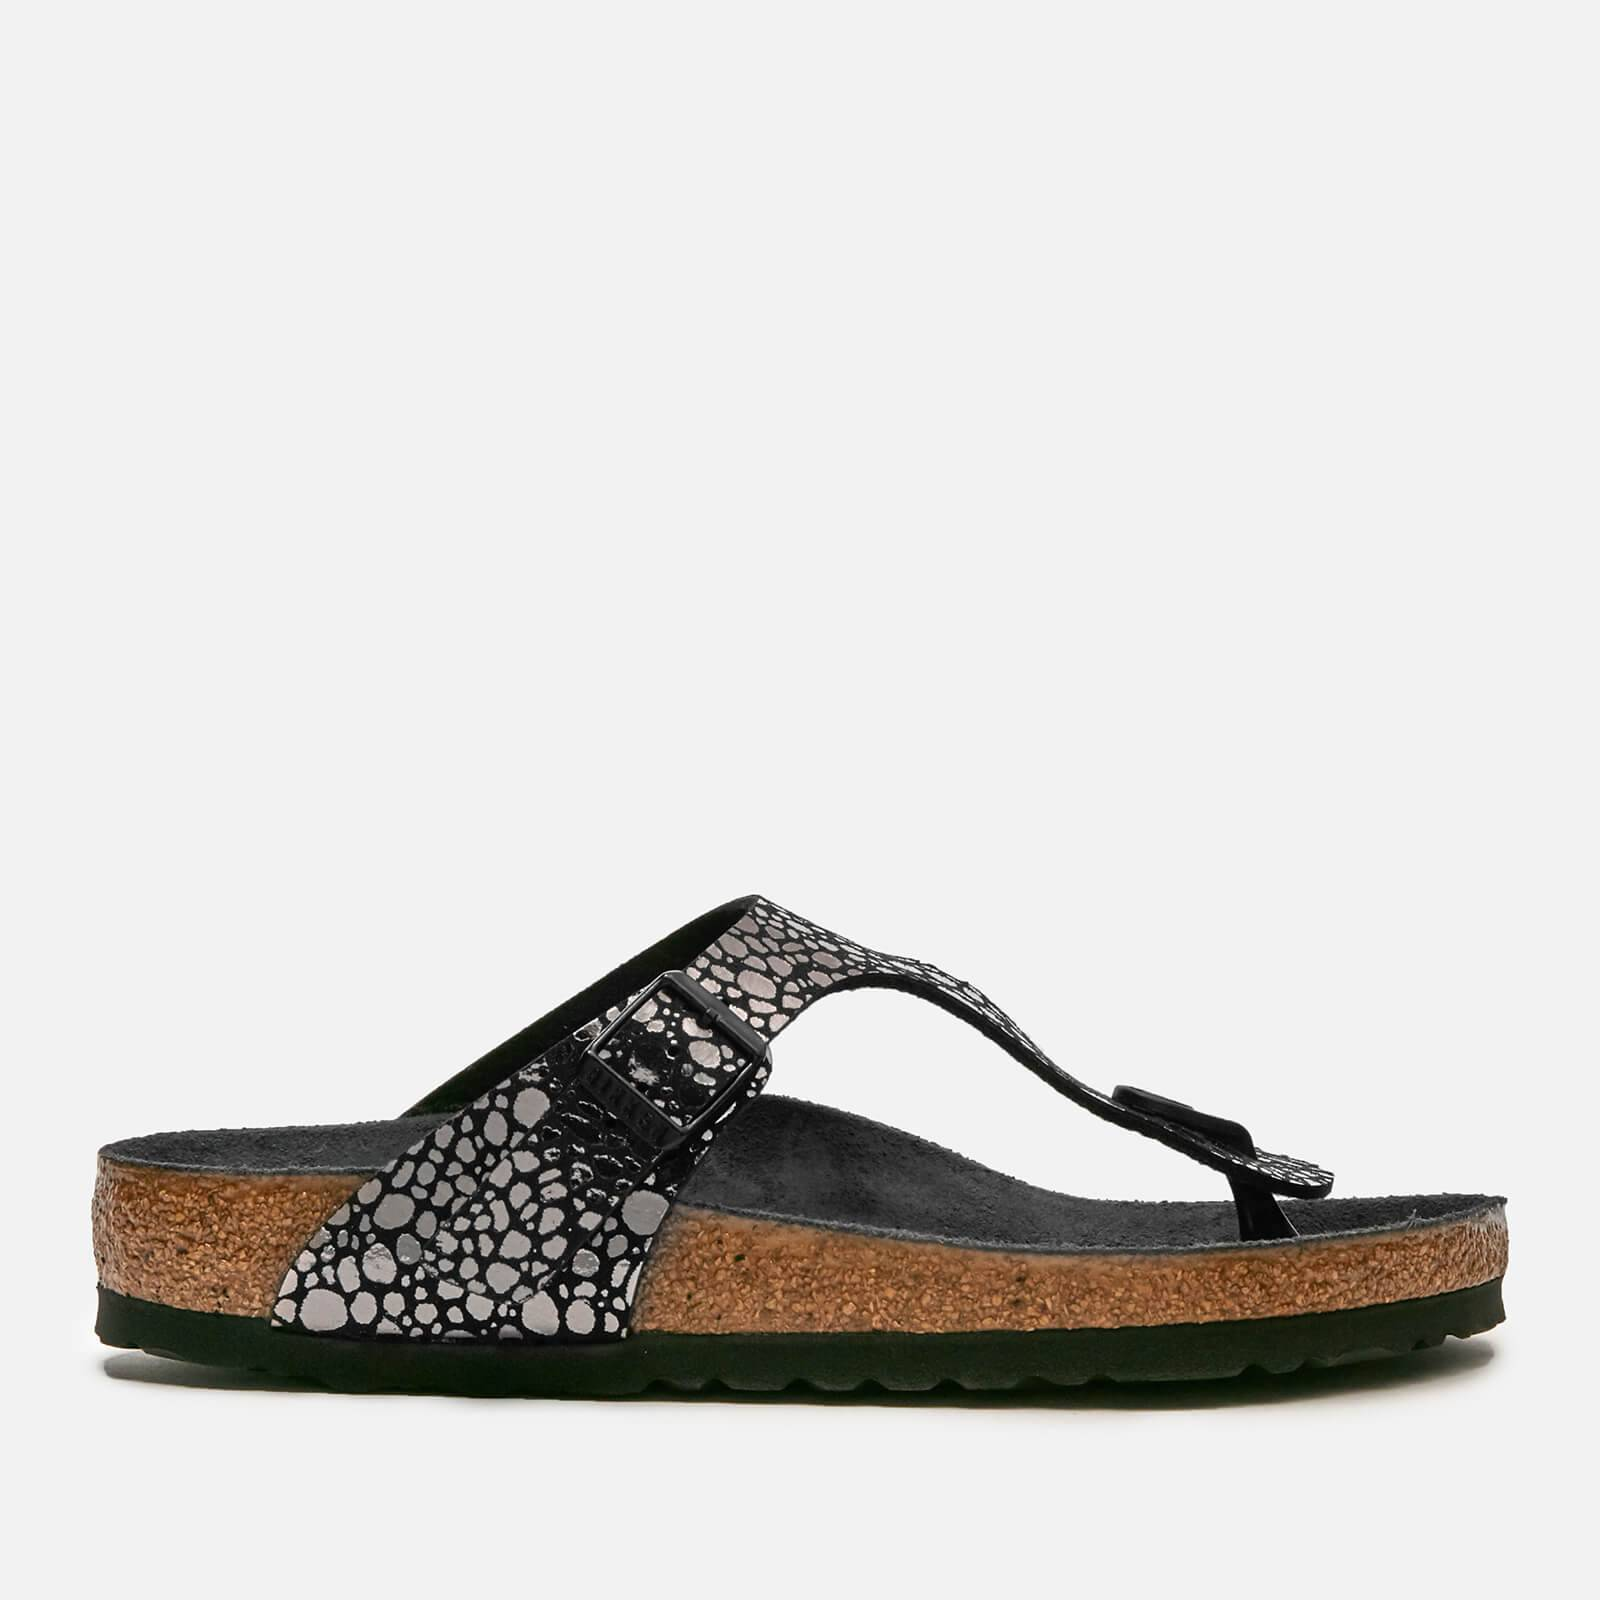 Birkenstock Women's Gizeh Toe-Post Leather Sandals - Metallic Stones Black - UK 7 - Black